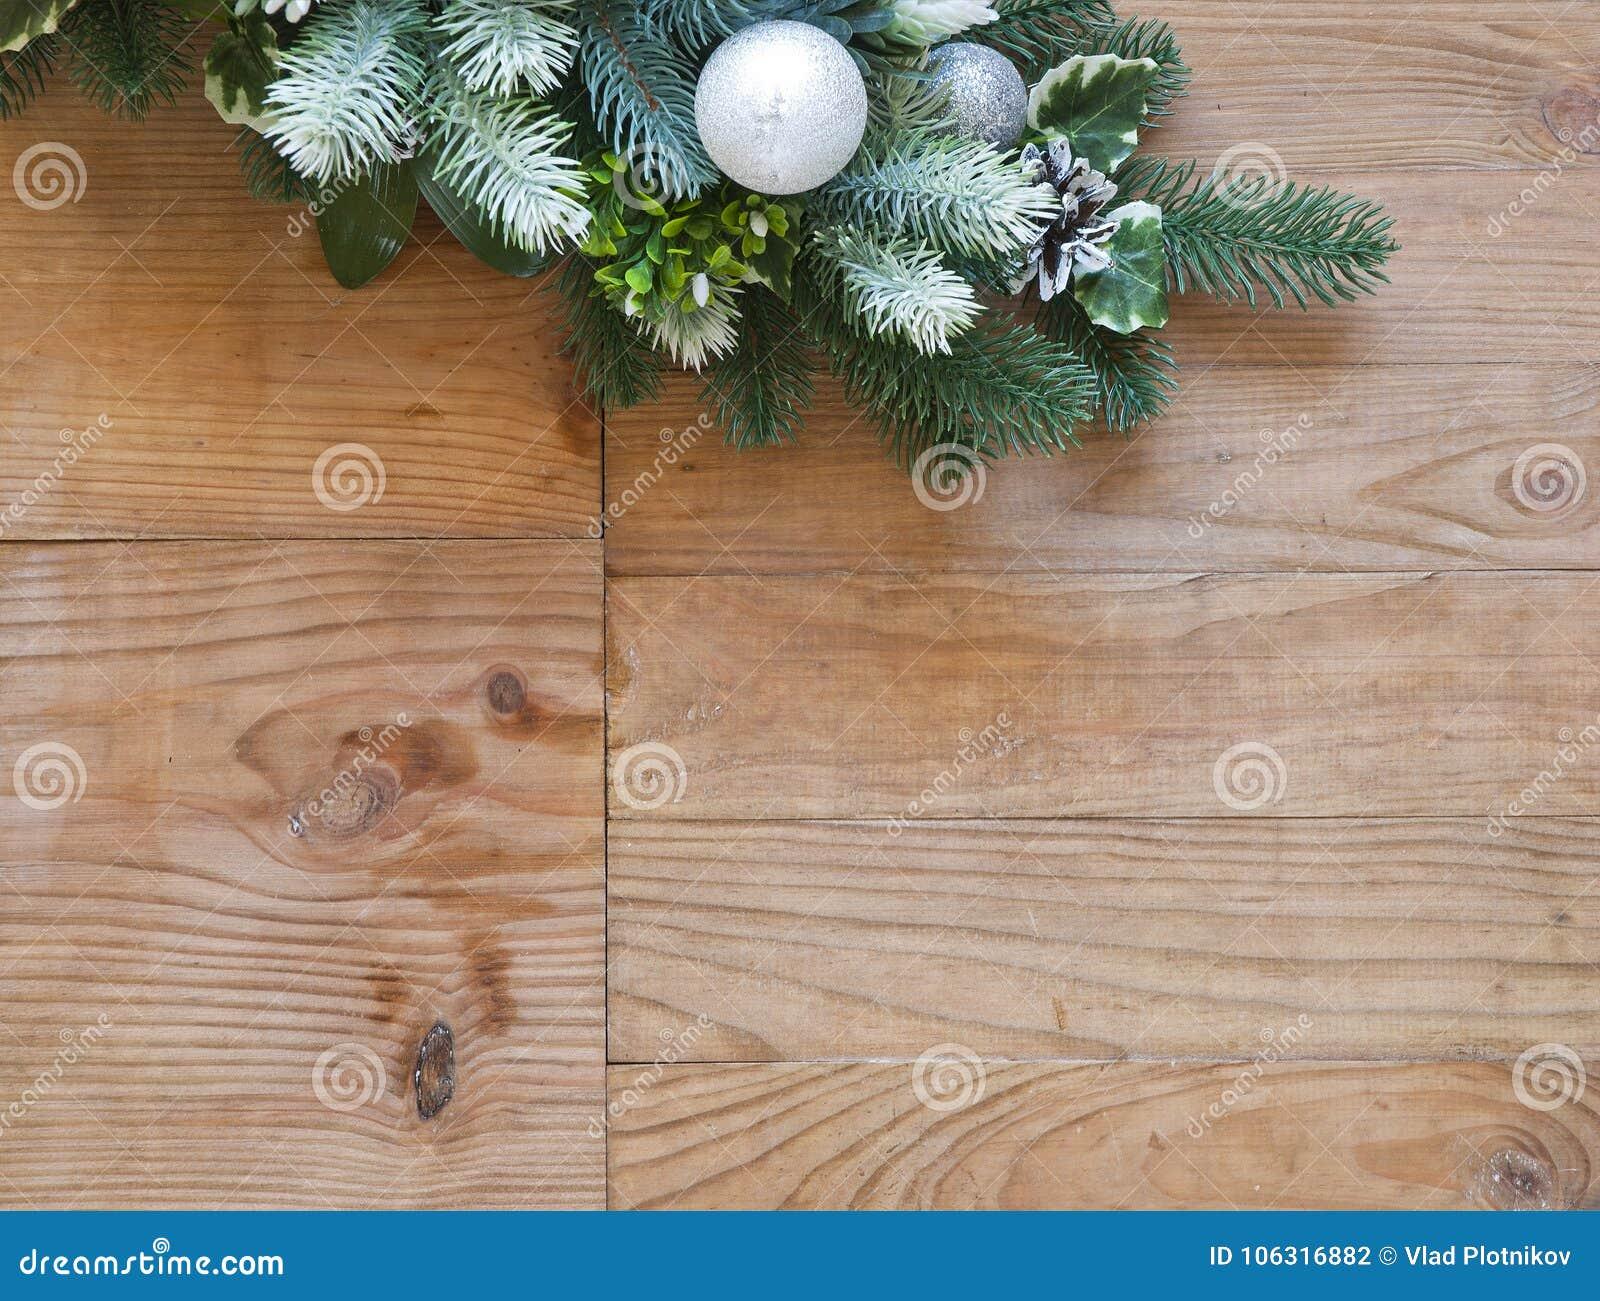 Weihnachtstannenbaumdekoration mit Tannenzapfen und Bällen